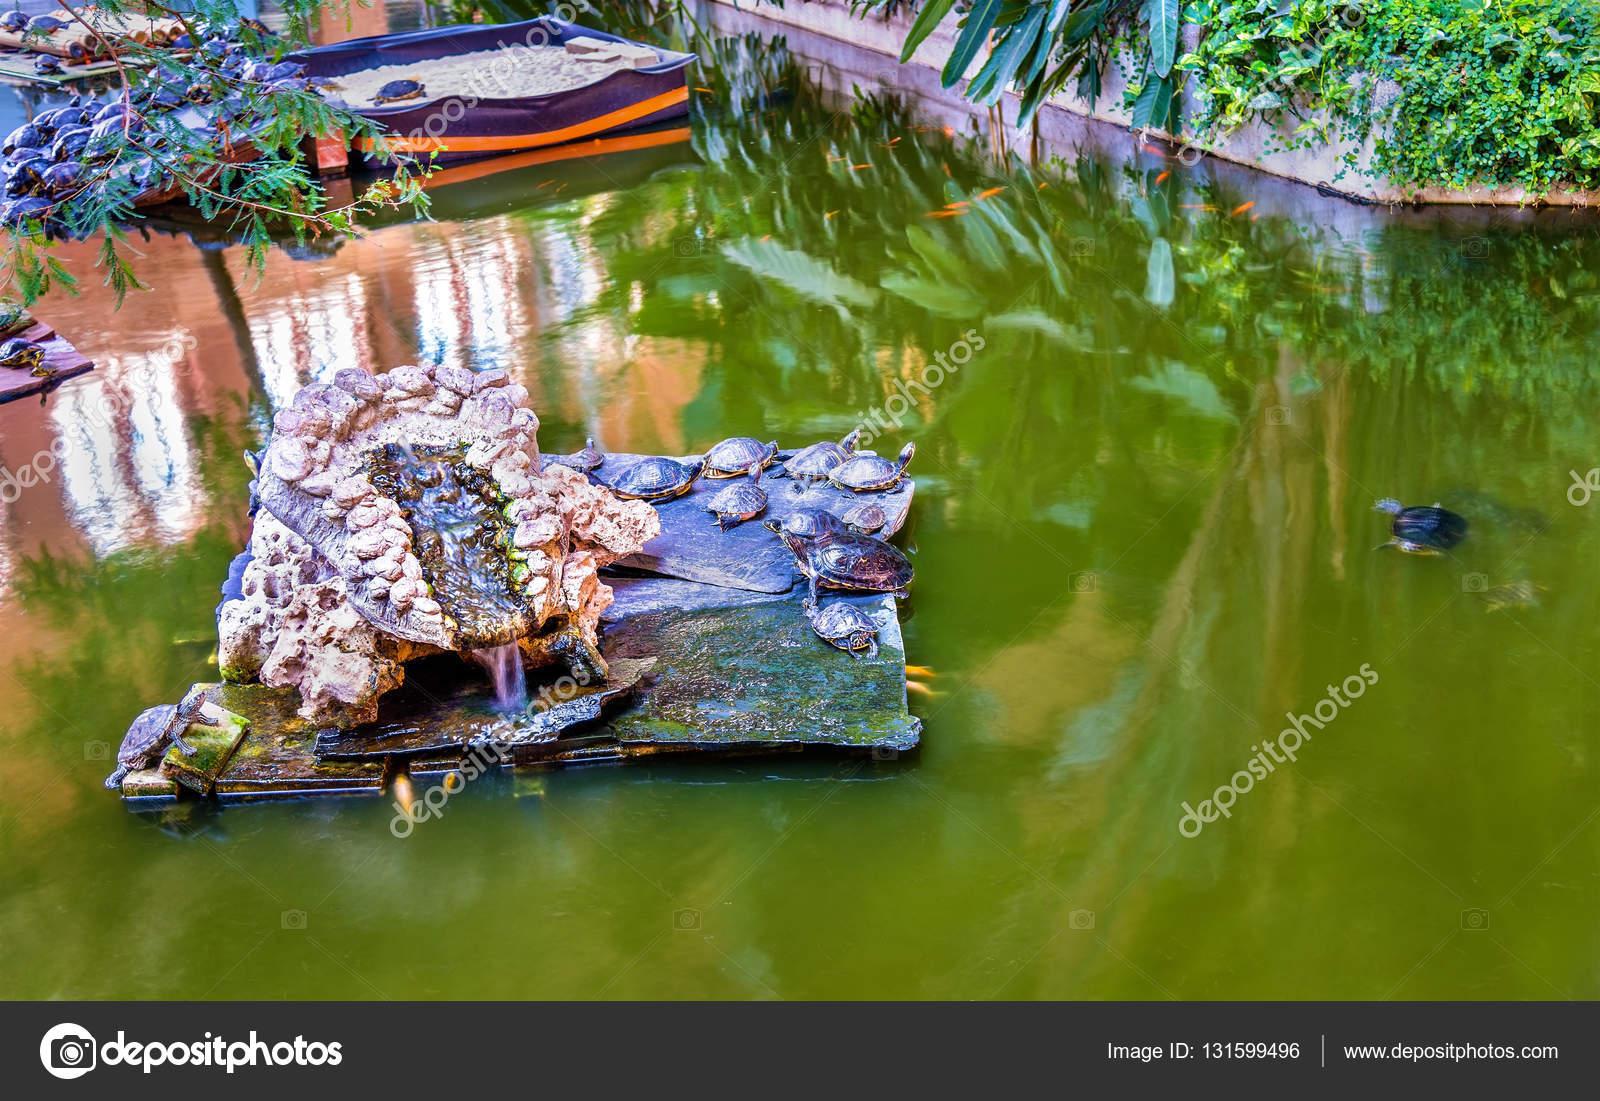 Tortugas de agua verde en un estanque artificial en la estacin de